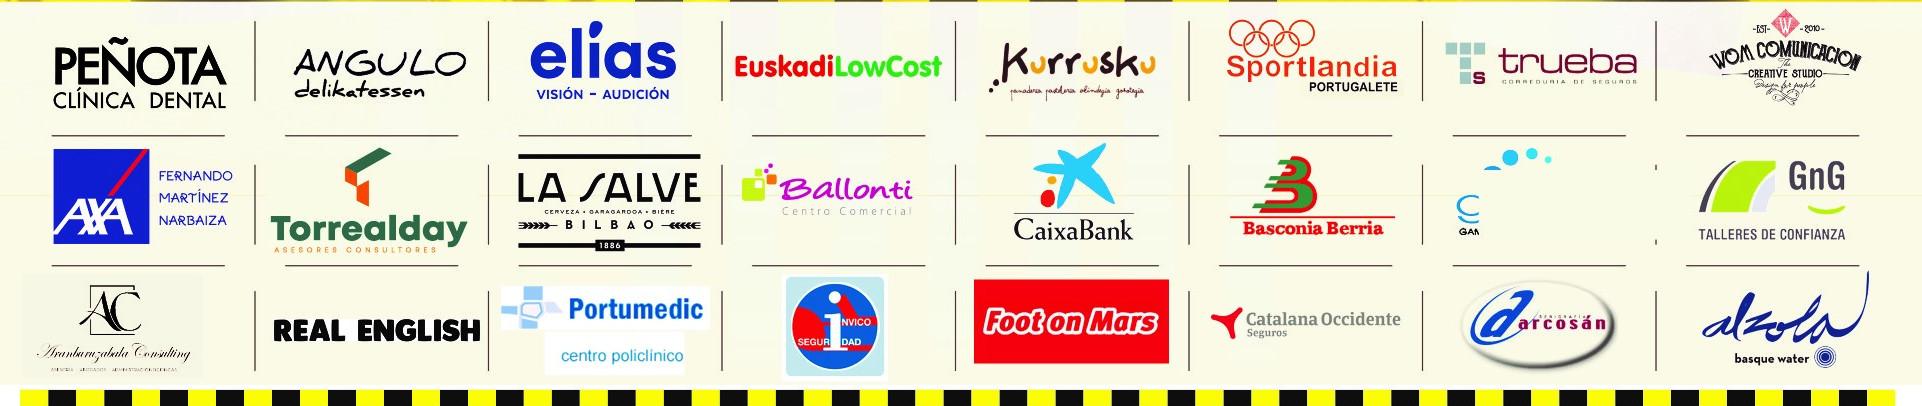 patrocinadores-cartel-partidos-club-portugalete-2020-publicidad-v1